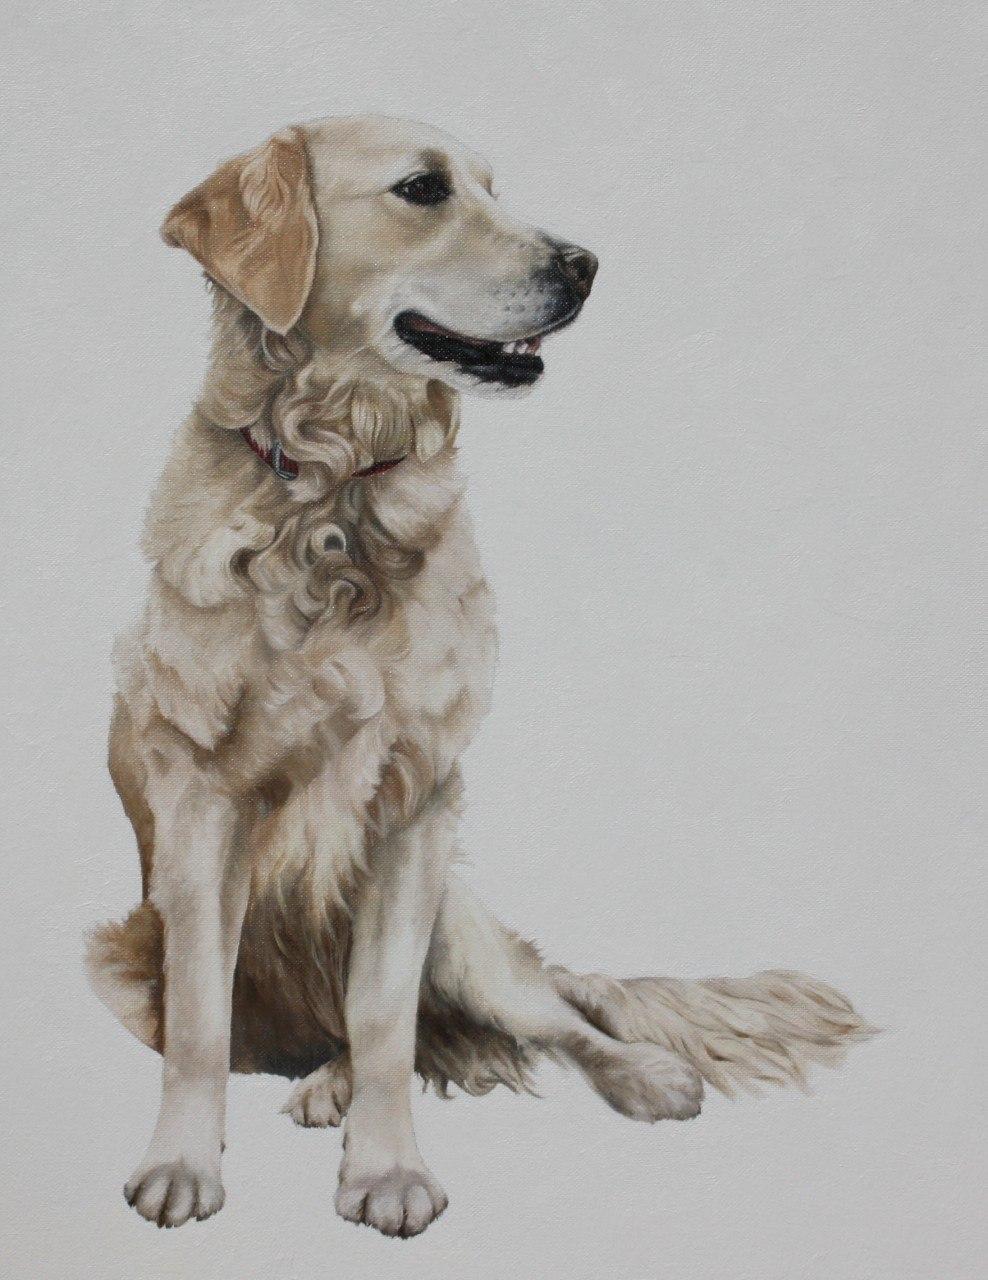 Golden Retriever, flat coated retriever, dogs, purebred dogs,